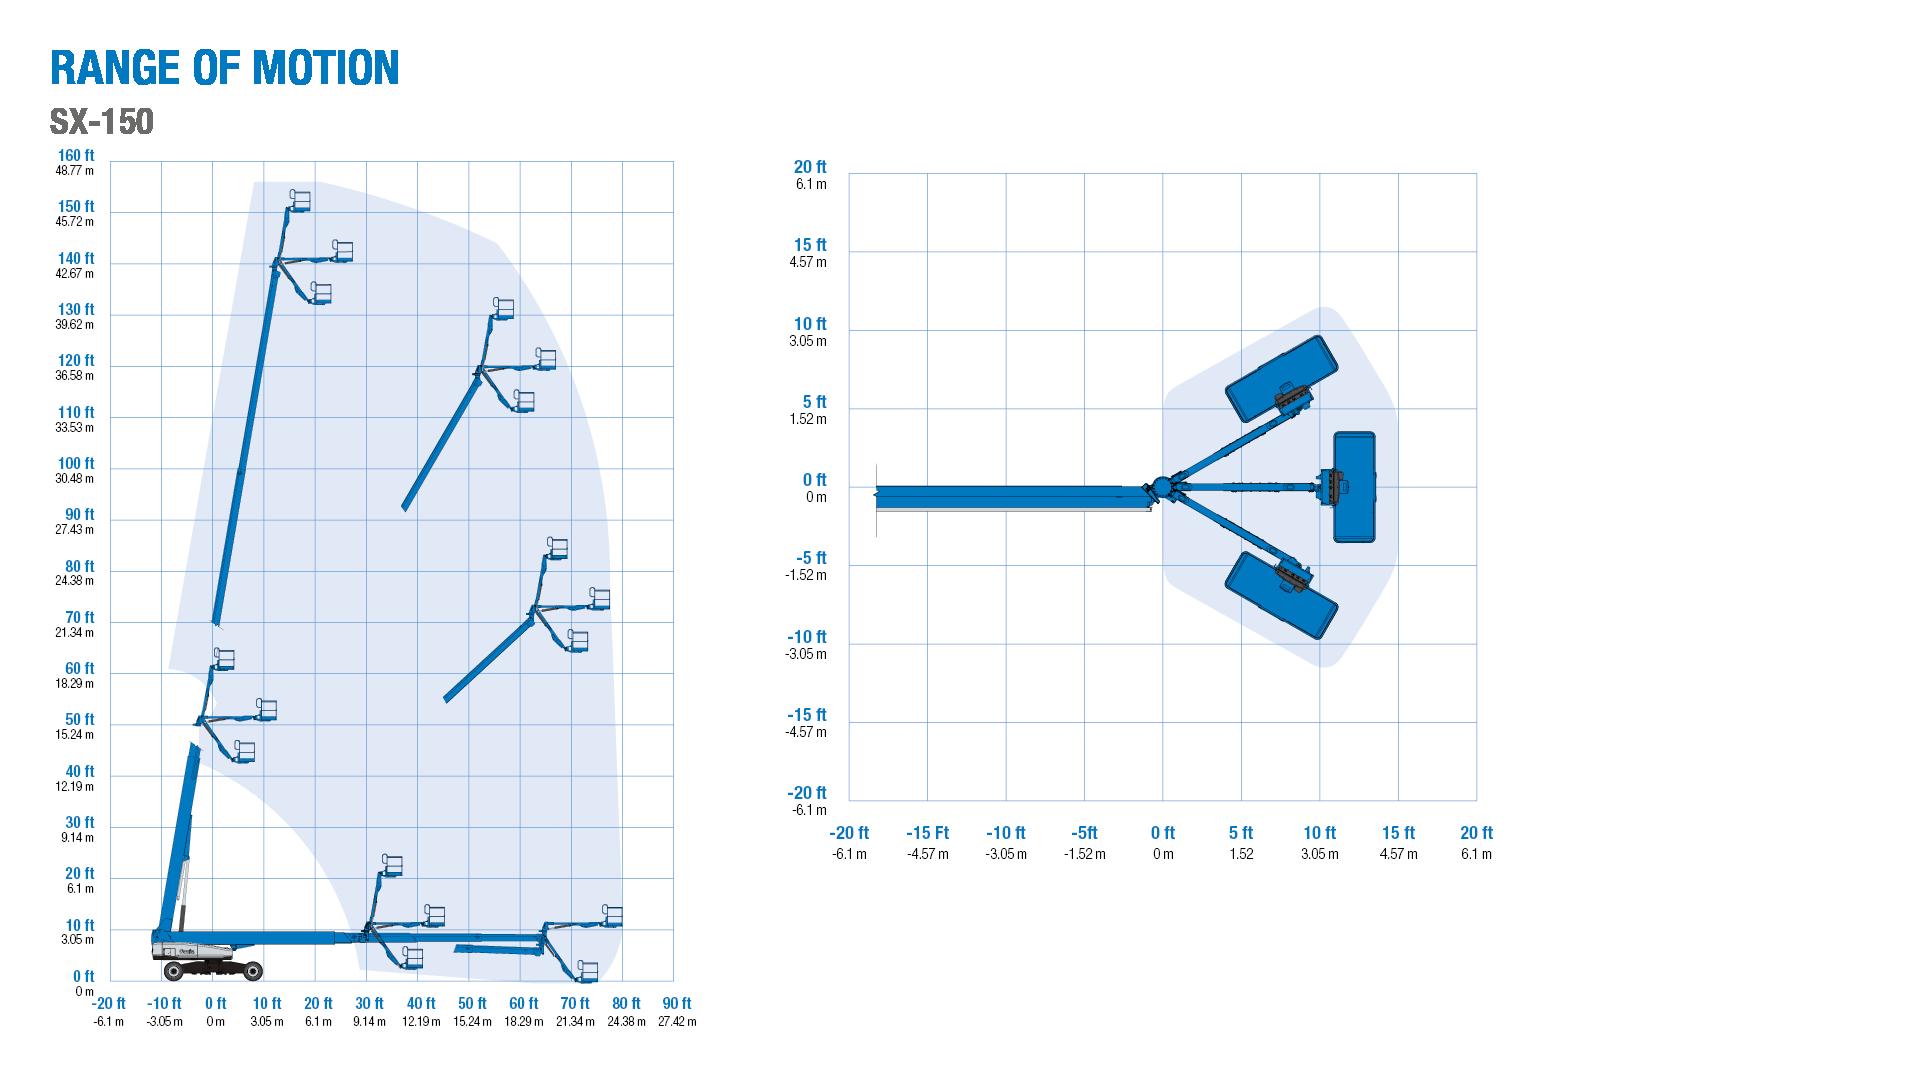 Genie SX-150 Reach Diagram